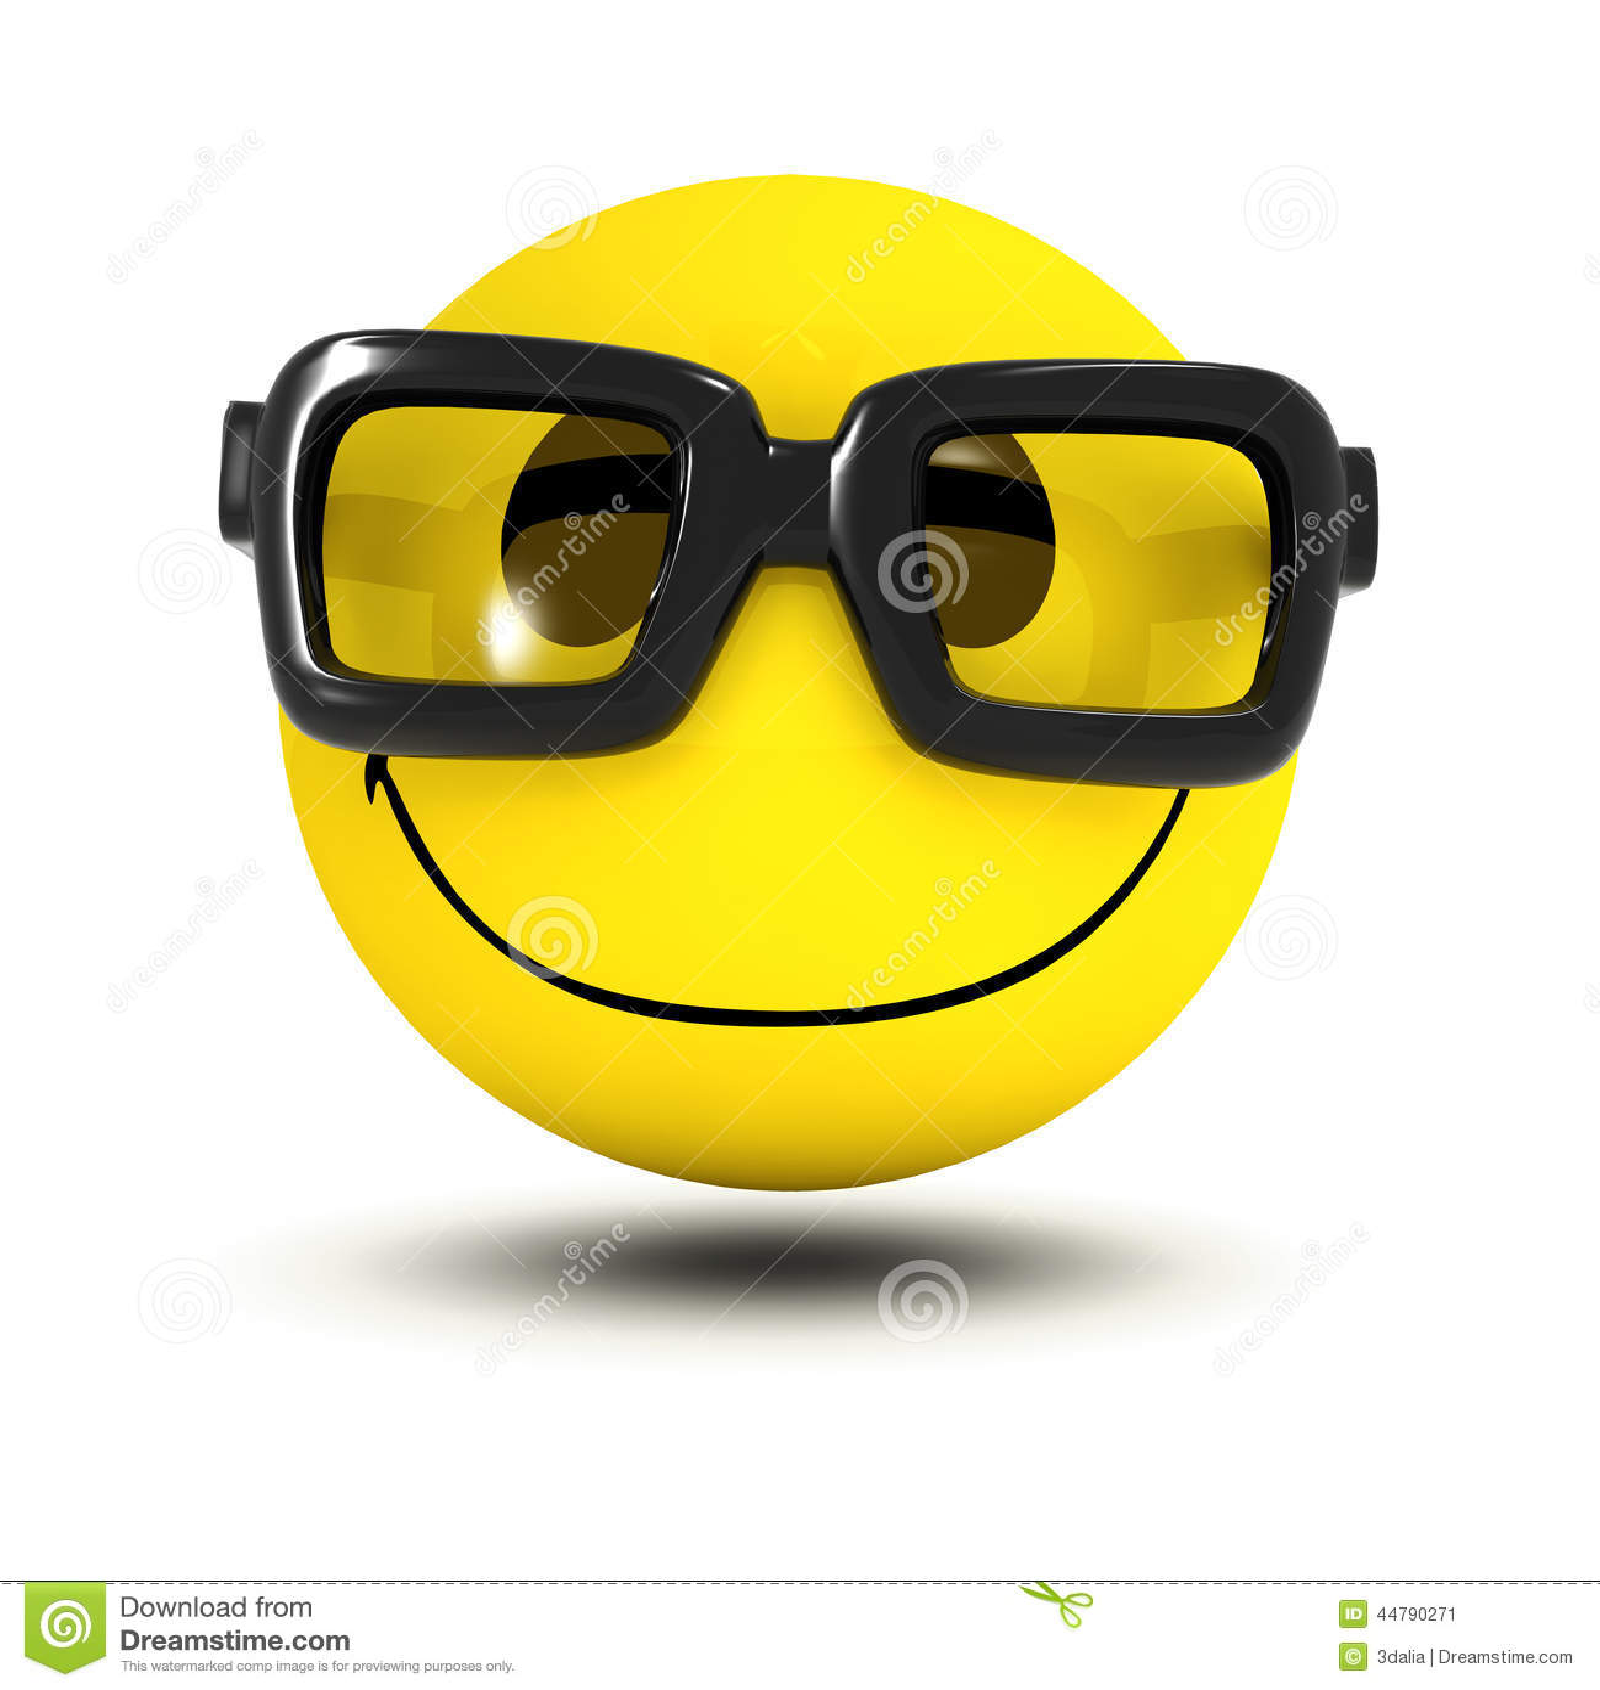 Verres Du Smiley 3d Illustration Stock Image 44790271 : verres du smiley d 44790271 from fr.dreamstime.com size 1300 x 1390 jpeg 95kB